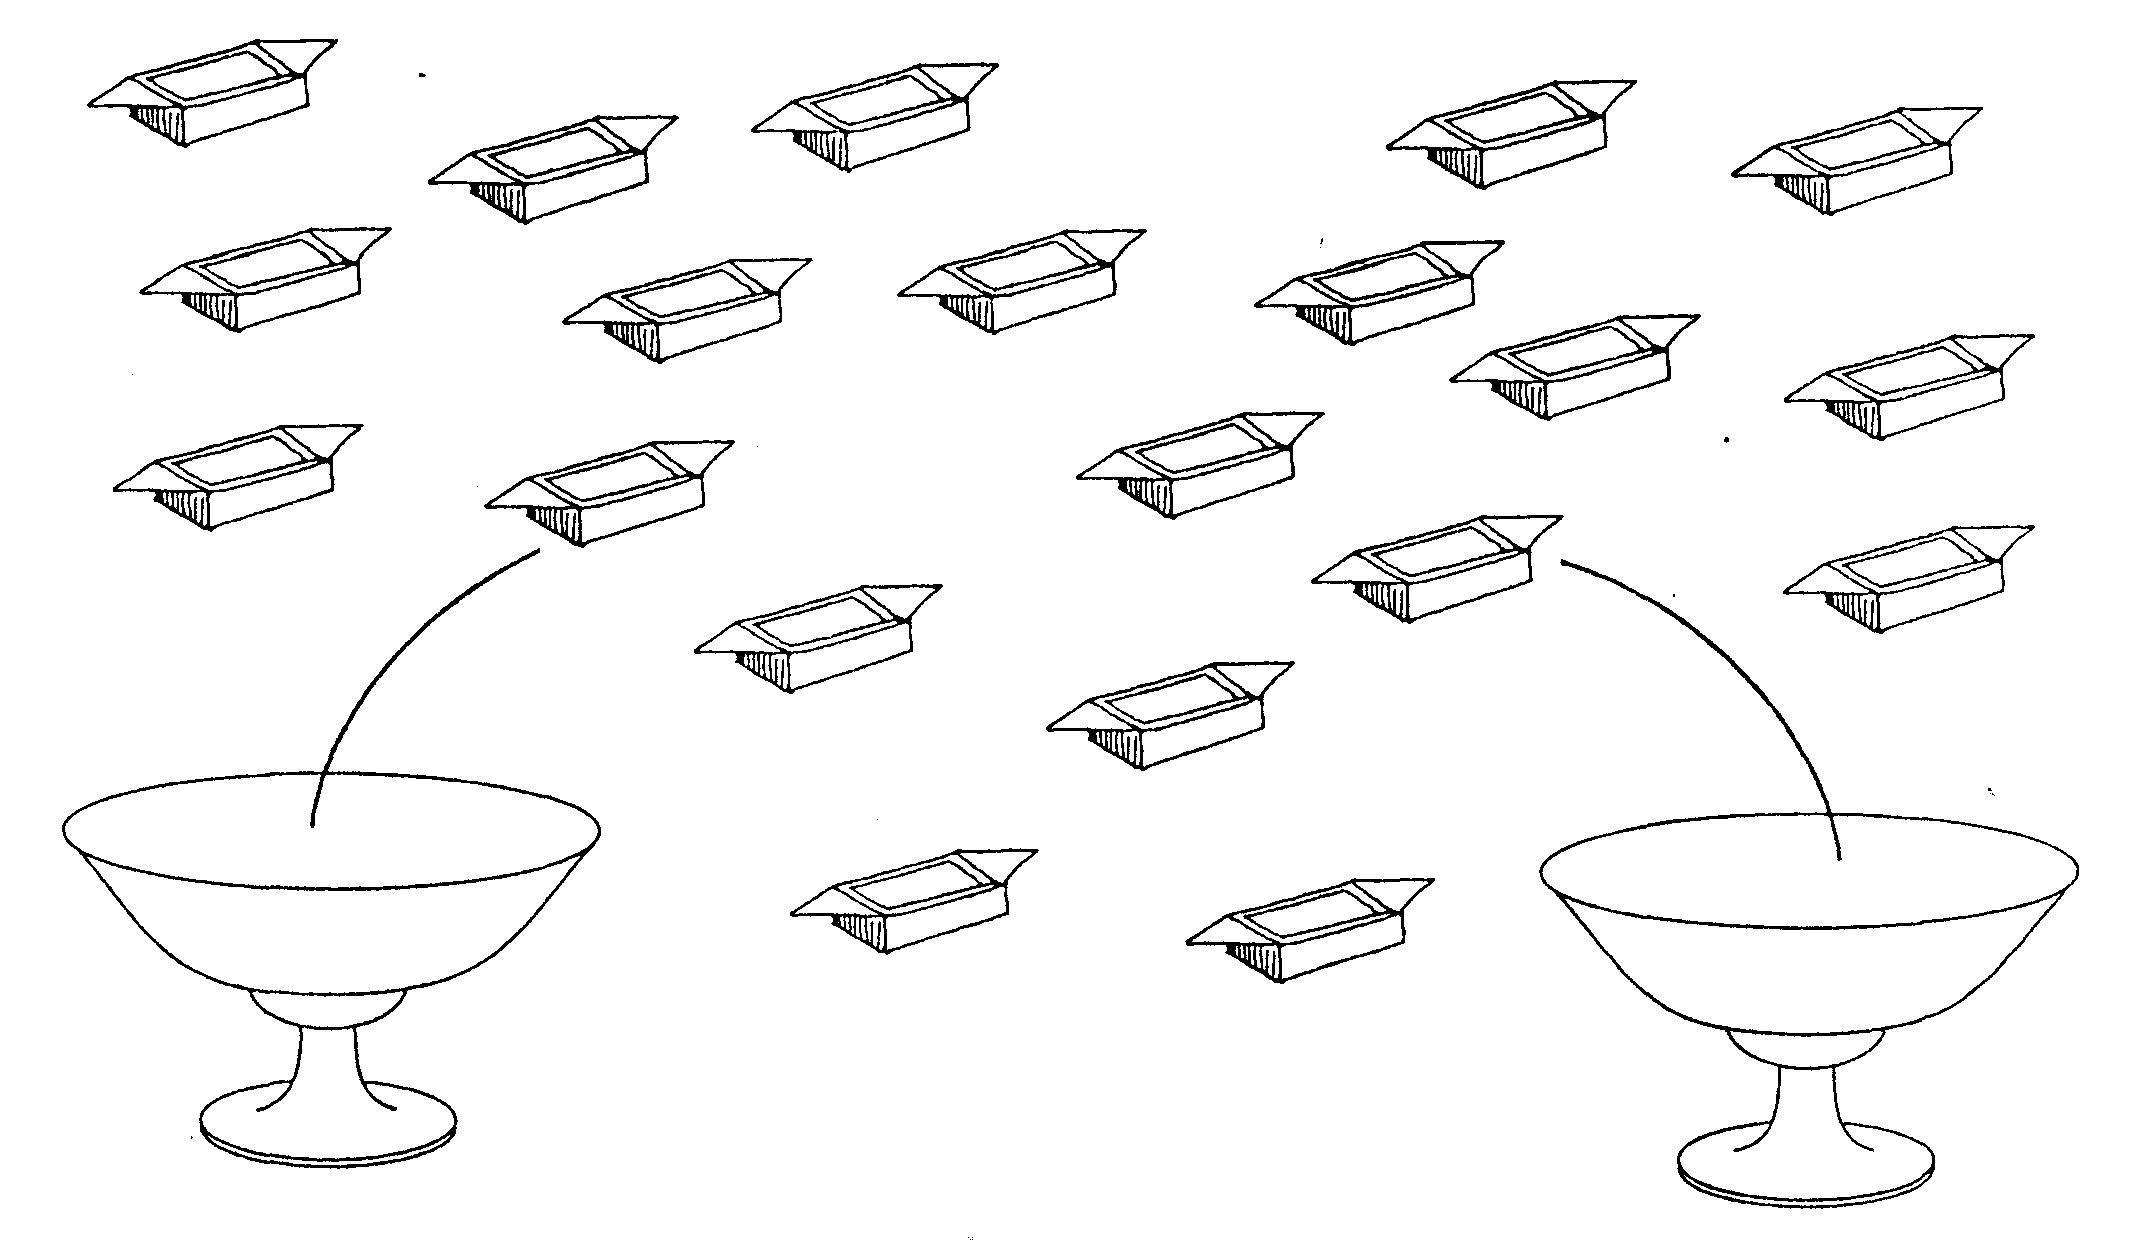 Раскраски фигуры геометрические фигуры, раскраска, конфеты и чаши